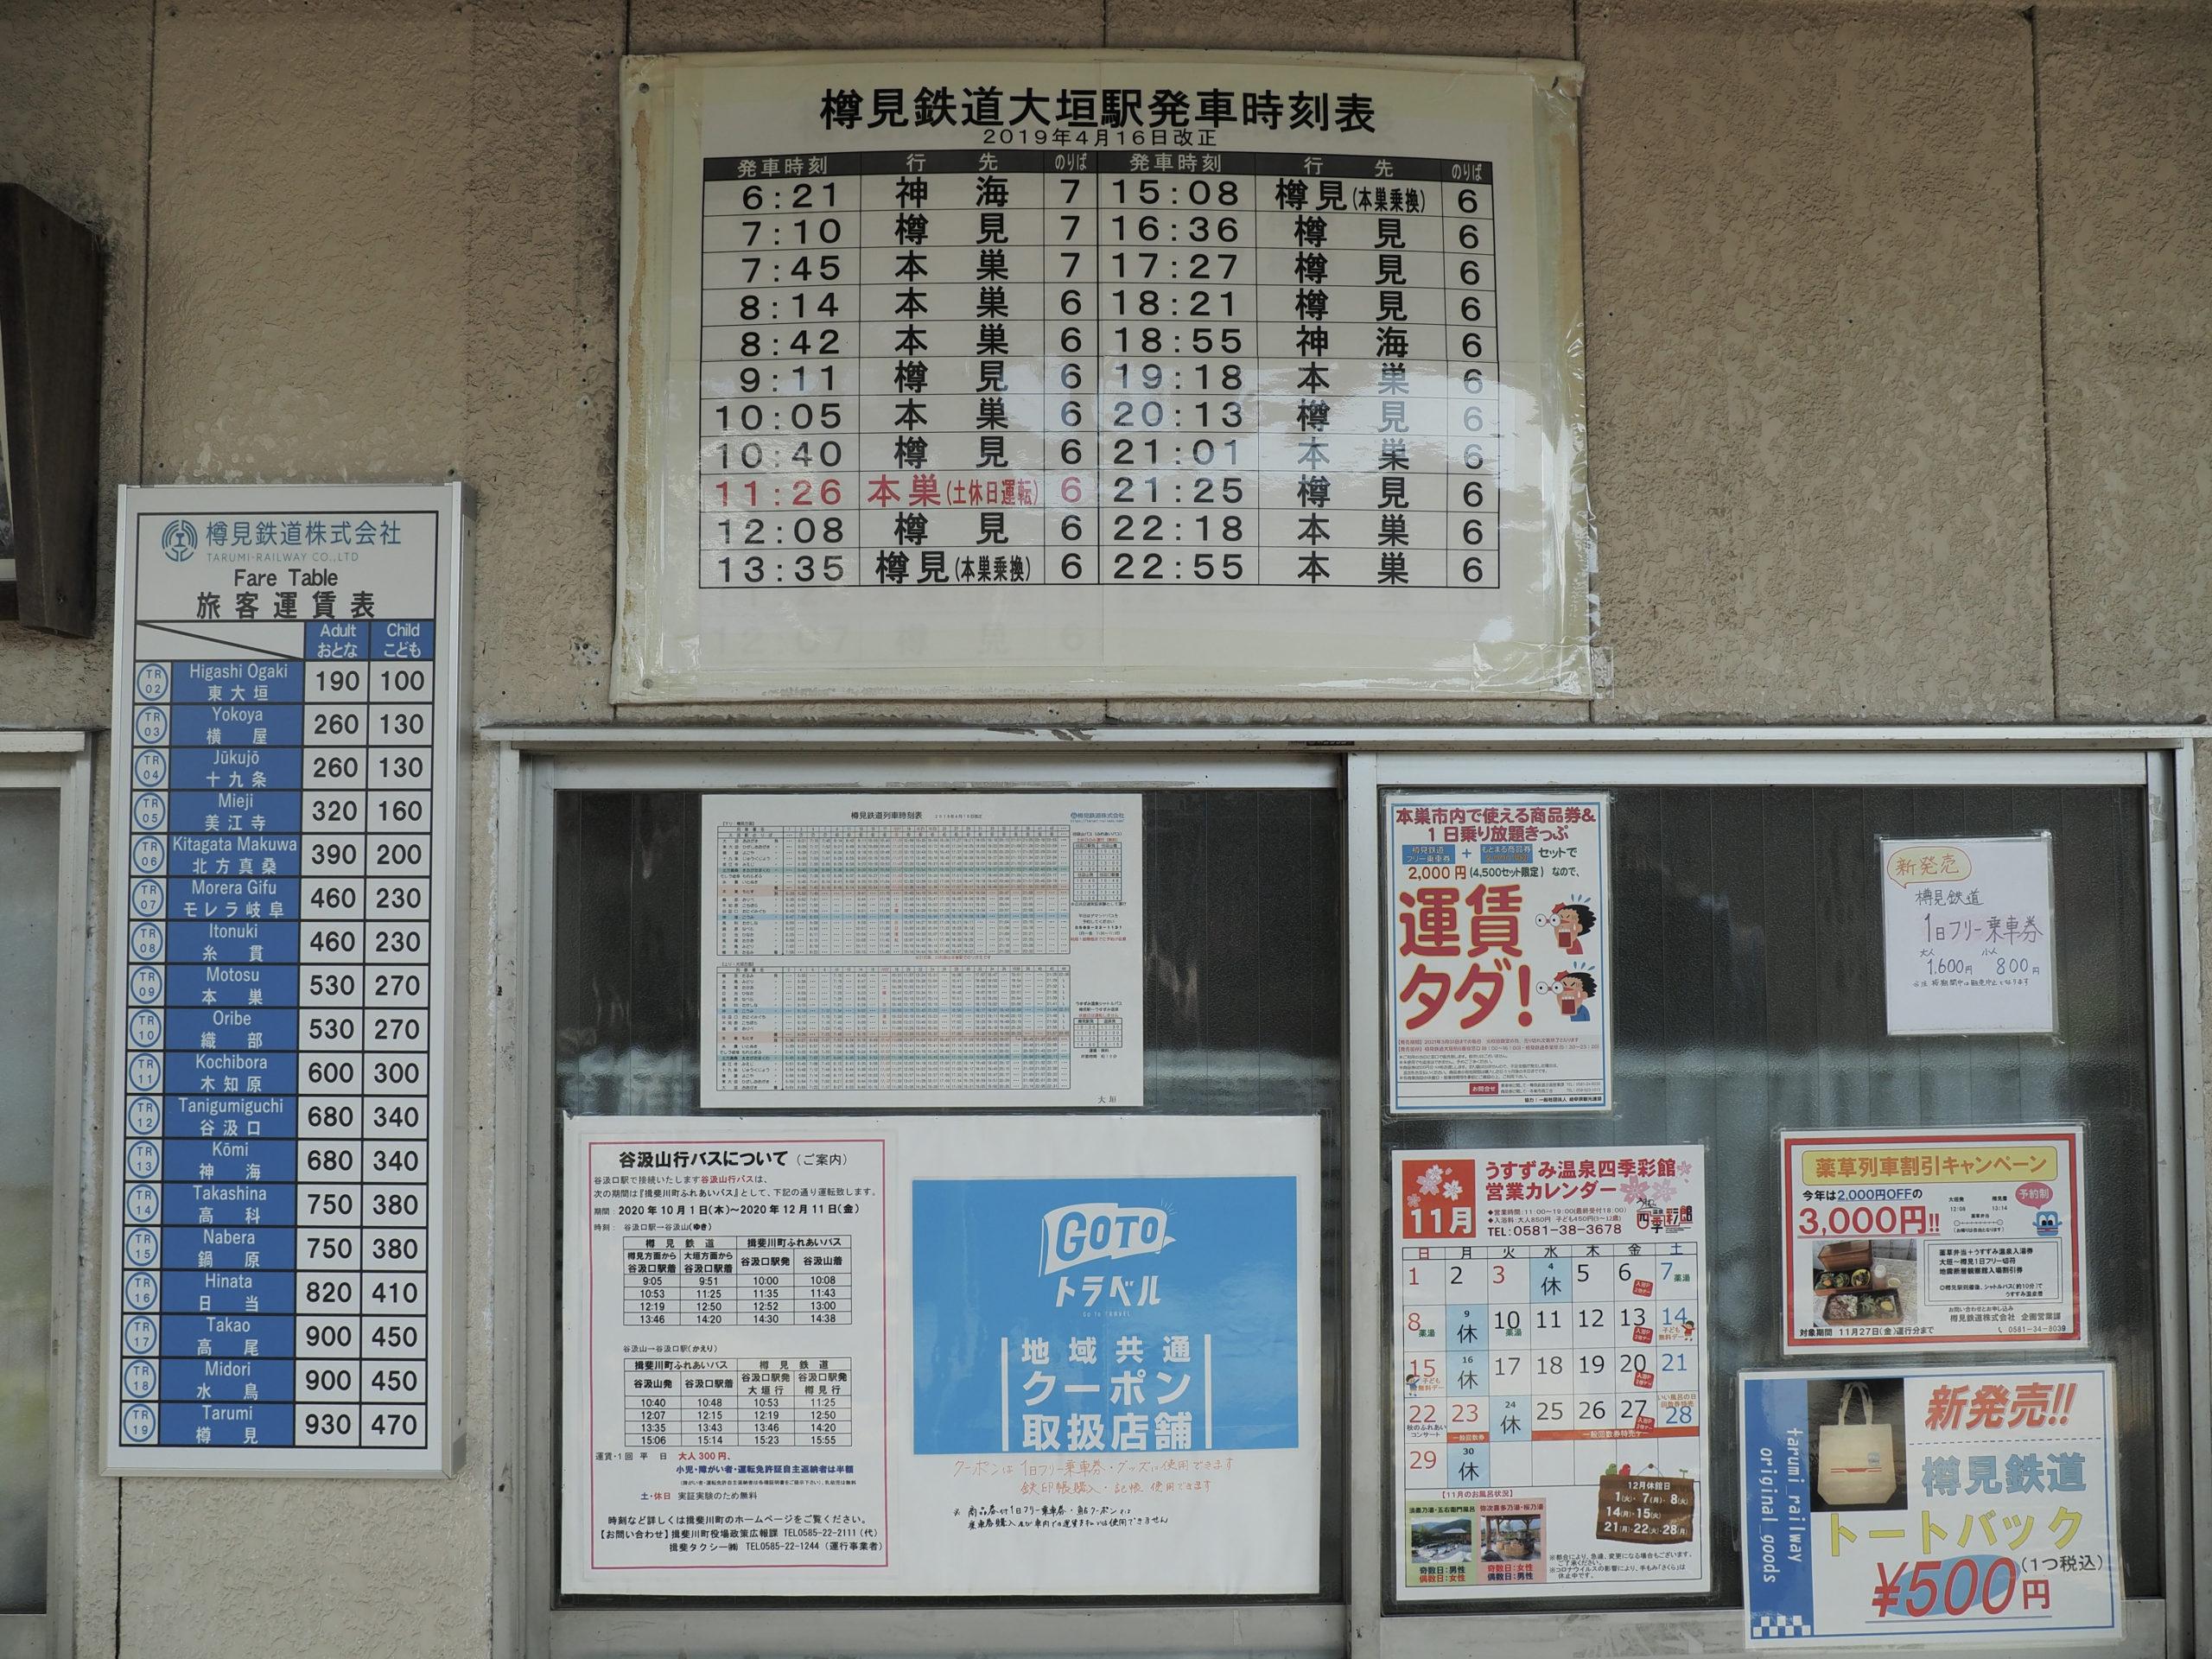 岐阜県 大垣駅